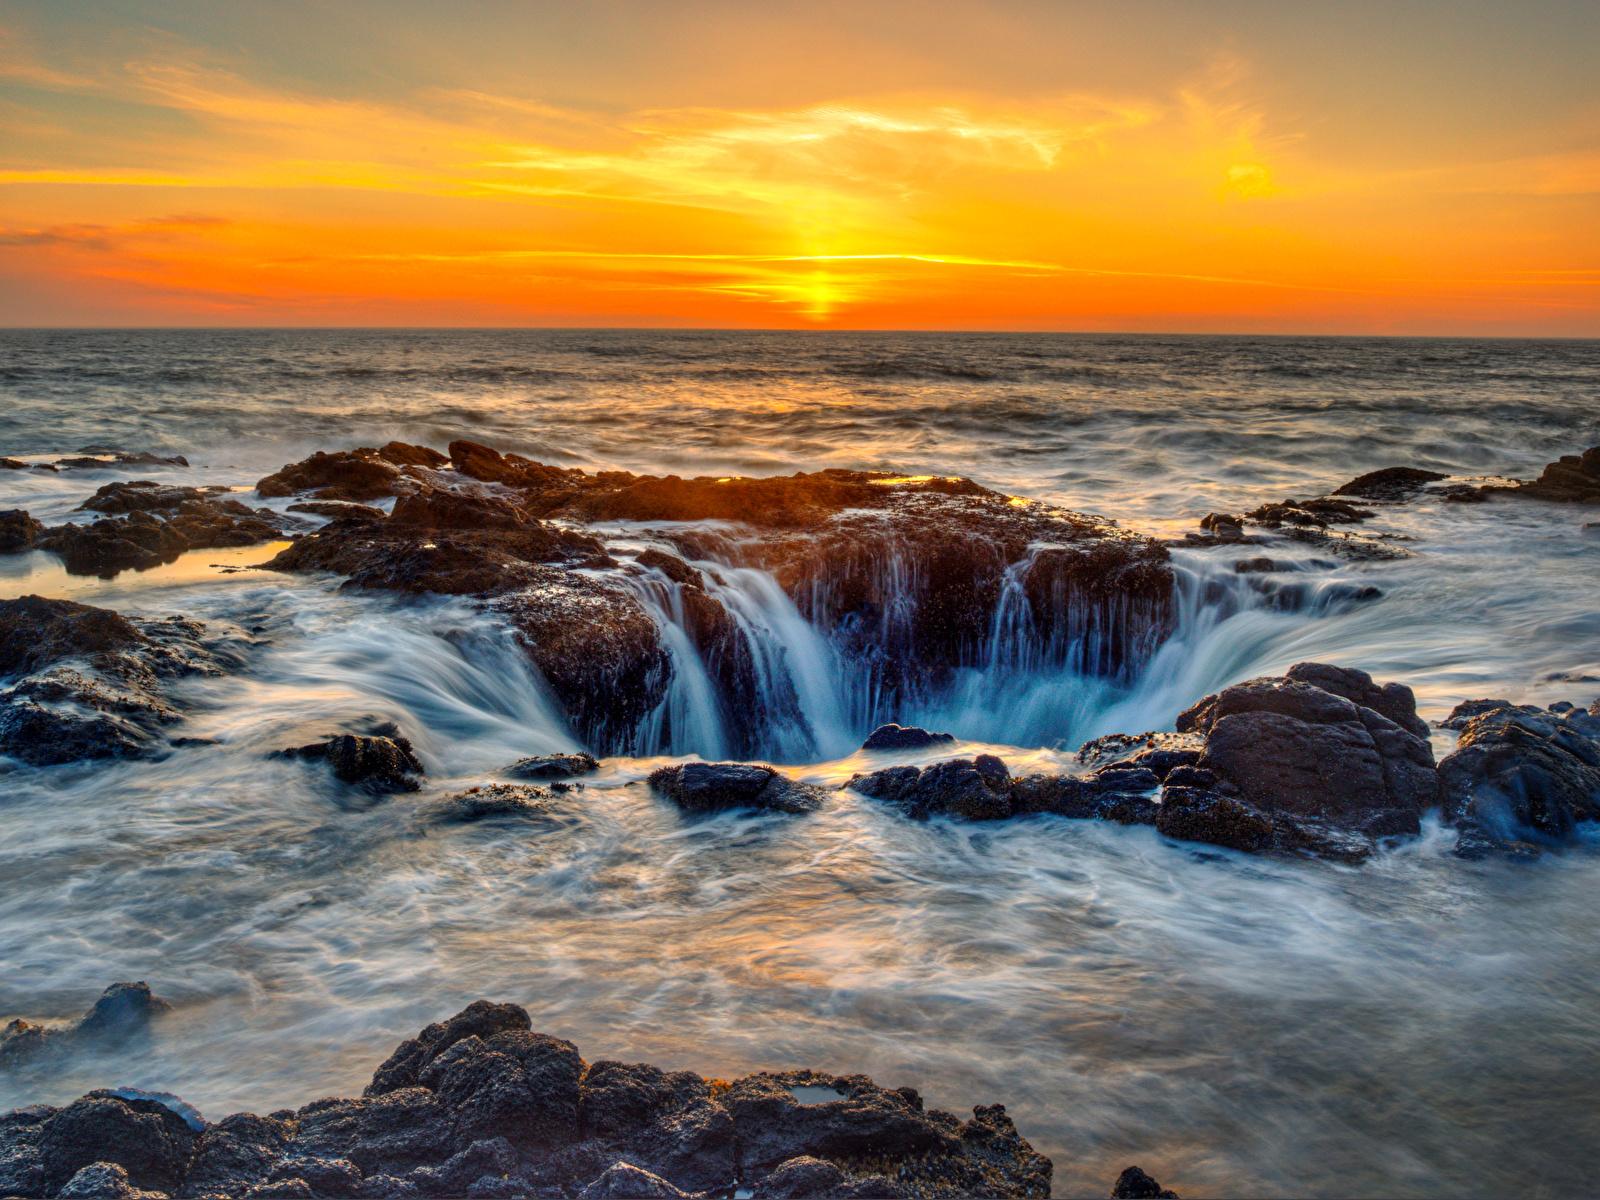 Foto Usa Oregon Mare Natura Paesaggio Albe E Tramonti 1600x1200